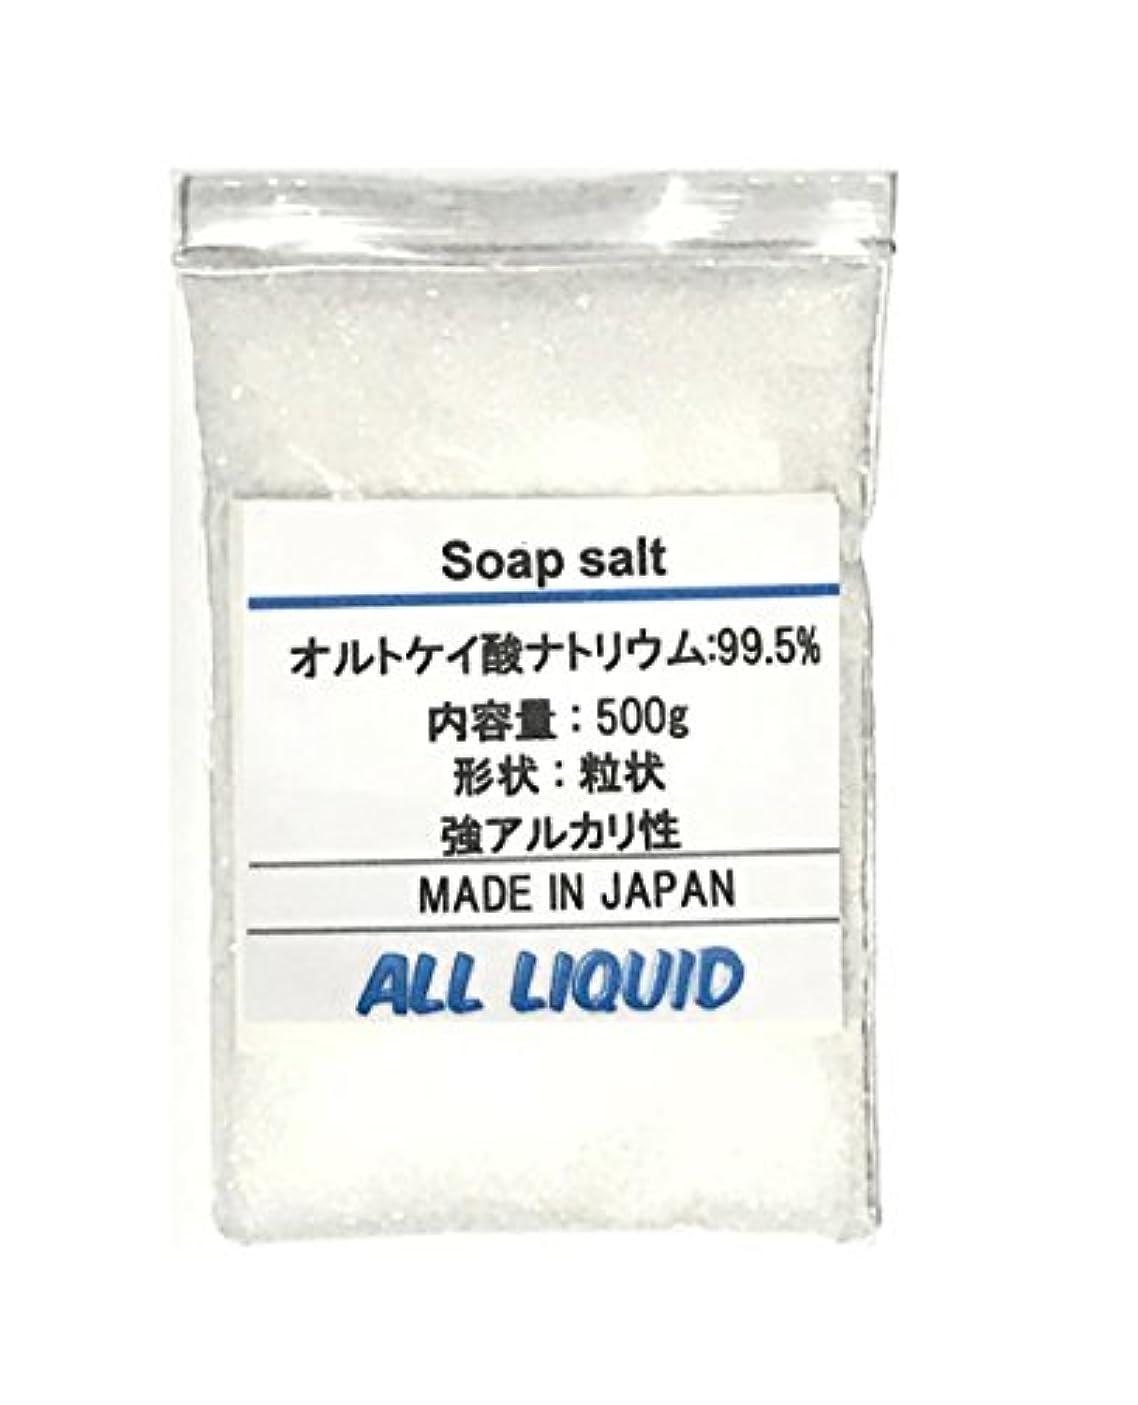 閃光読み書きのできない横オルトケイ酸ナトリウム (水ガラス) 500g 粒状 まぜたら石鹸 廃油 手作り石鹸に 各サイズ選べます